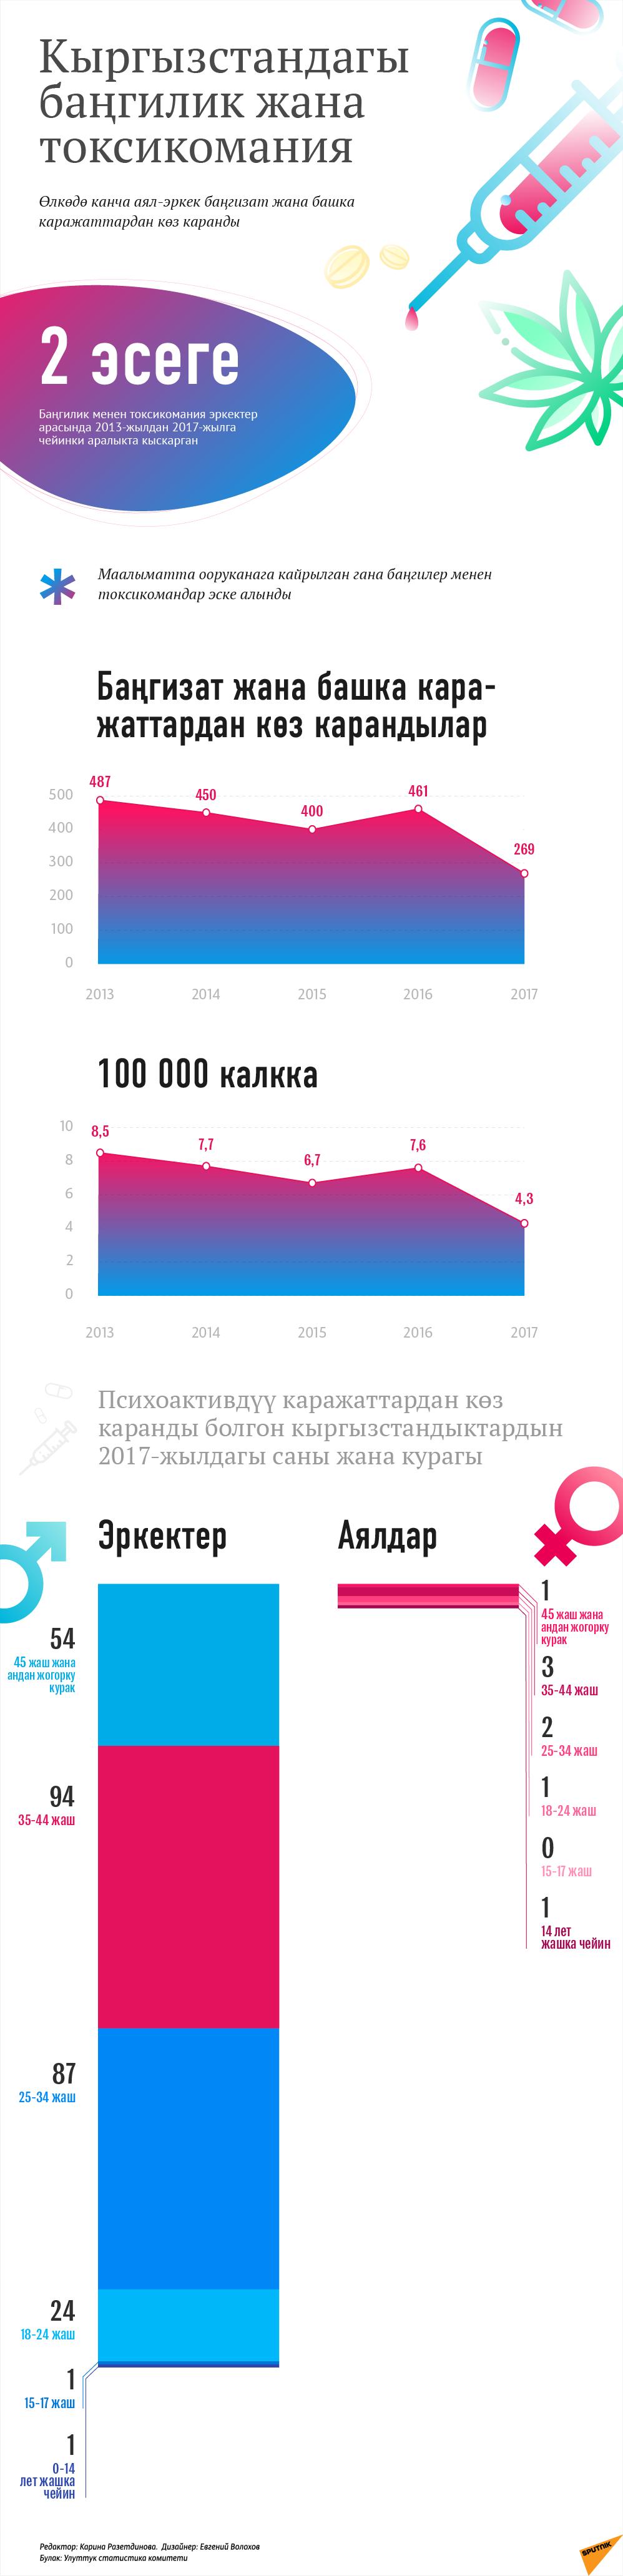 Кыргызстандагы баңгилик жана токсикомания